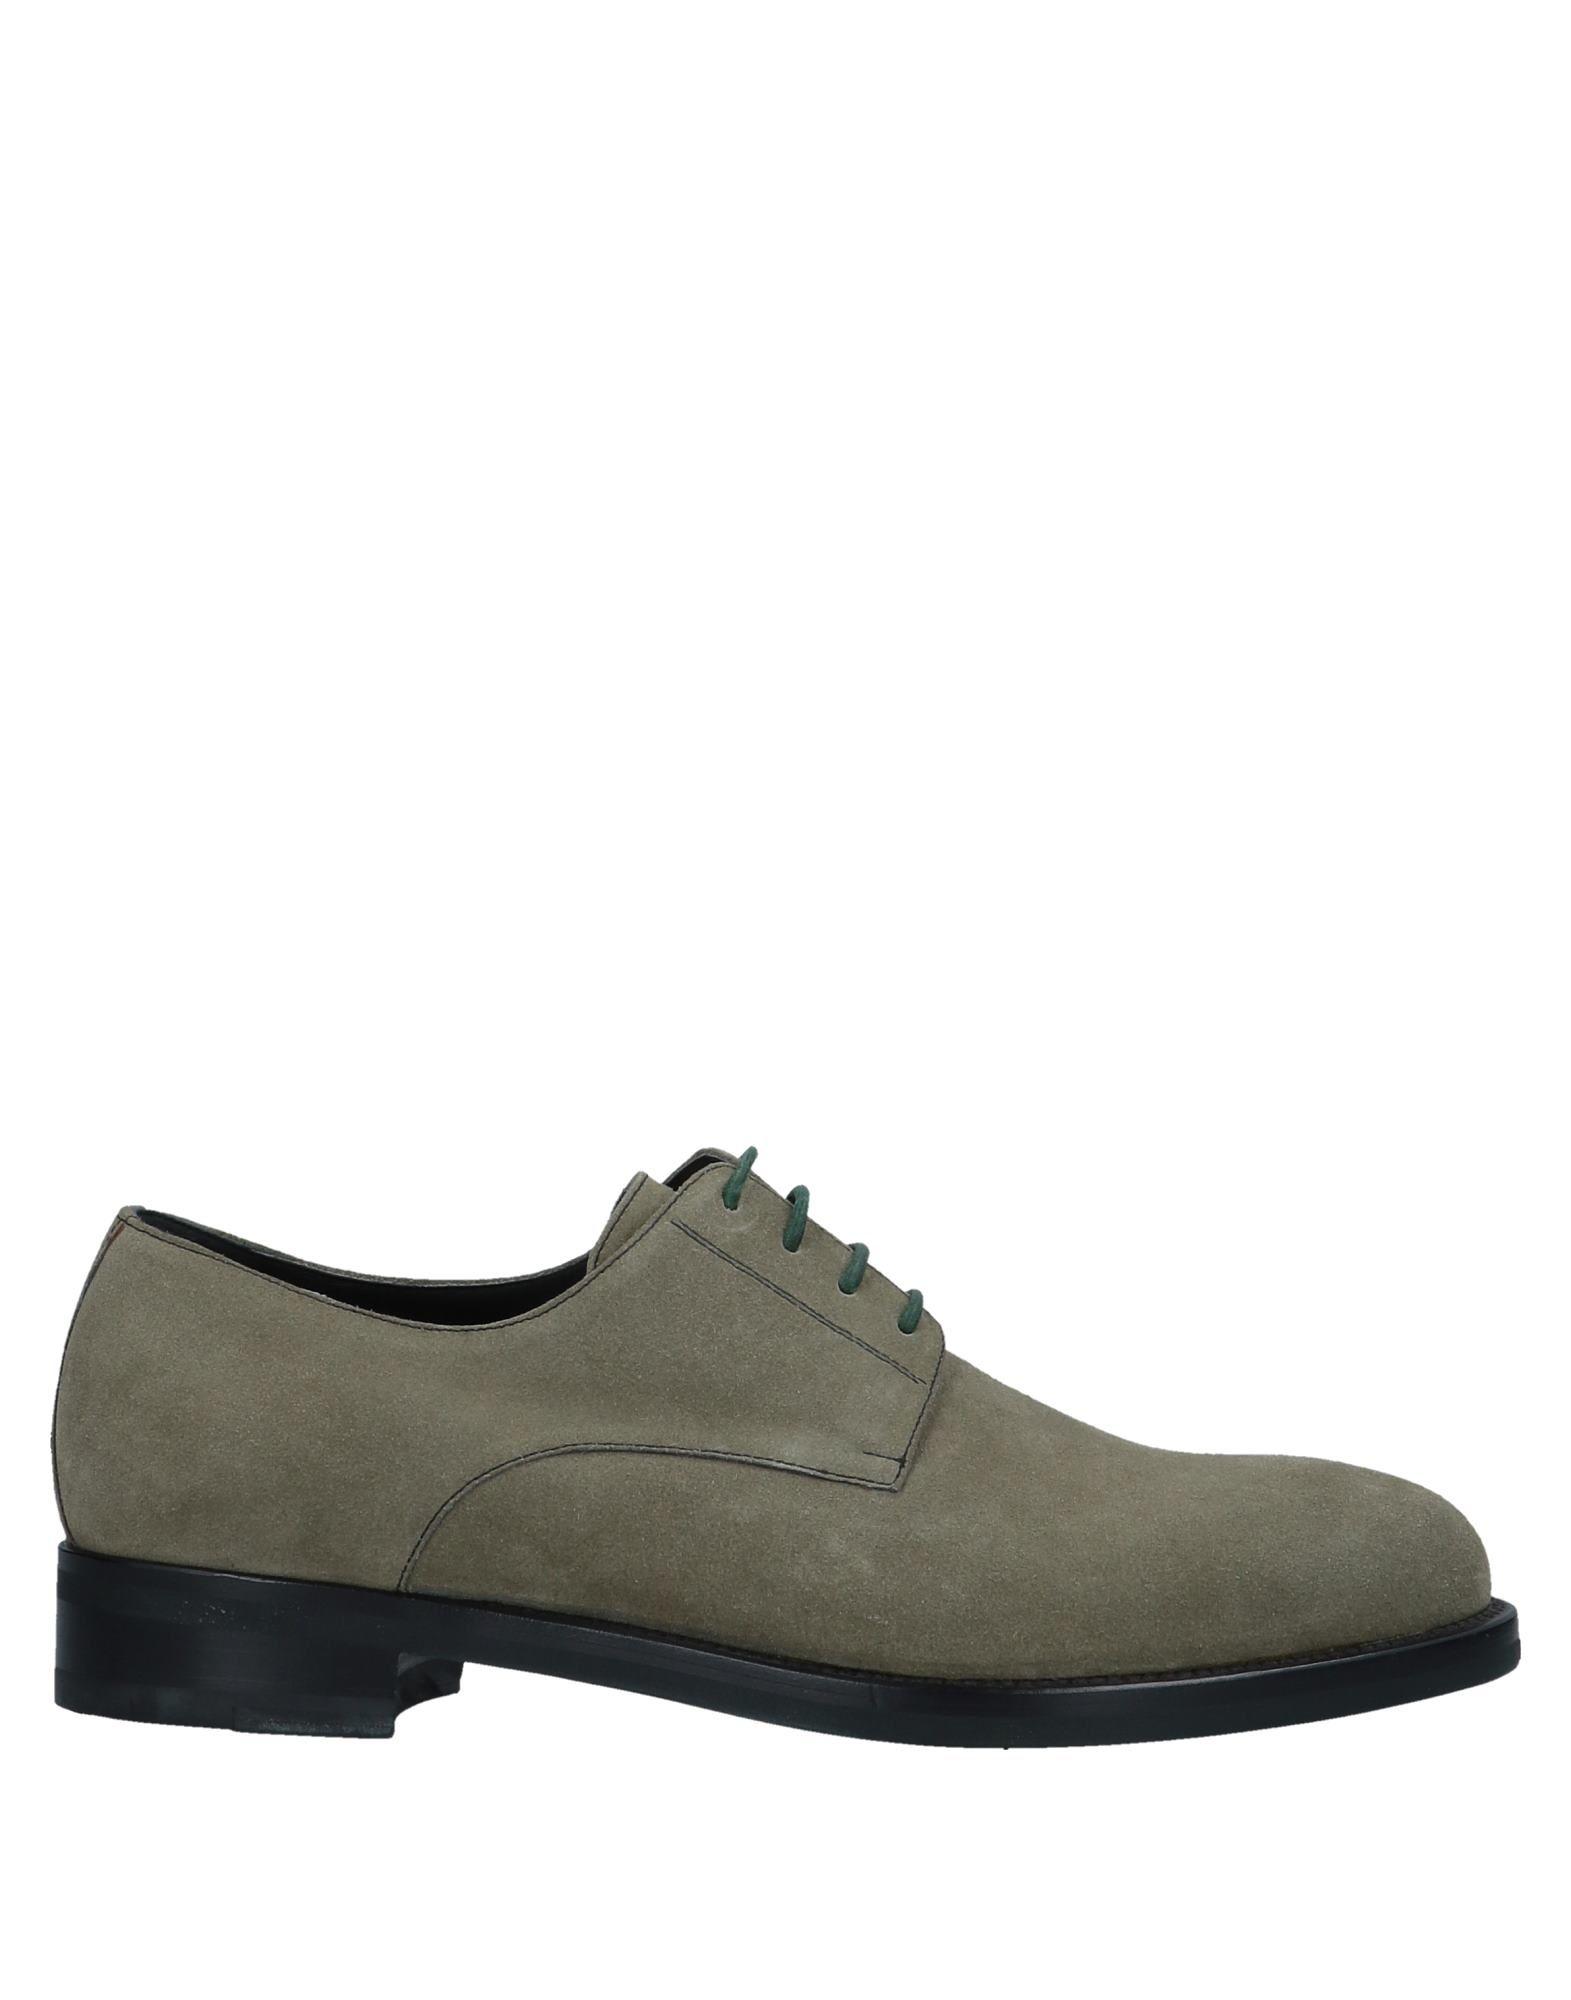 A.Testoni Schnürschuhe Herren  11542492PG Gute Qualität beliebte Schuhe